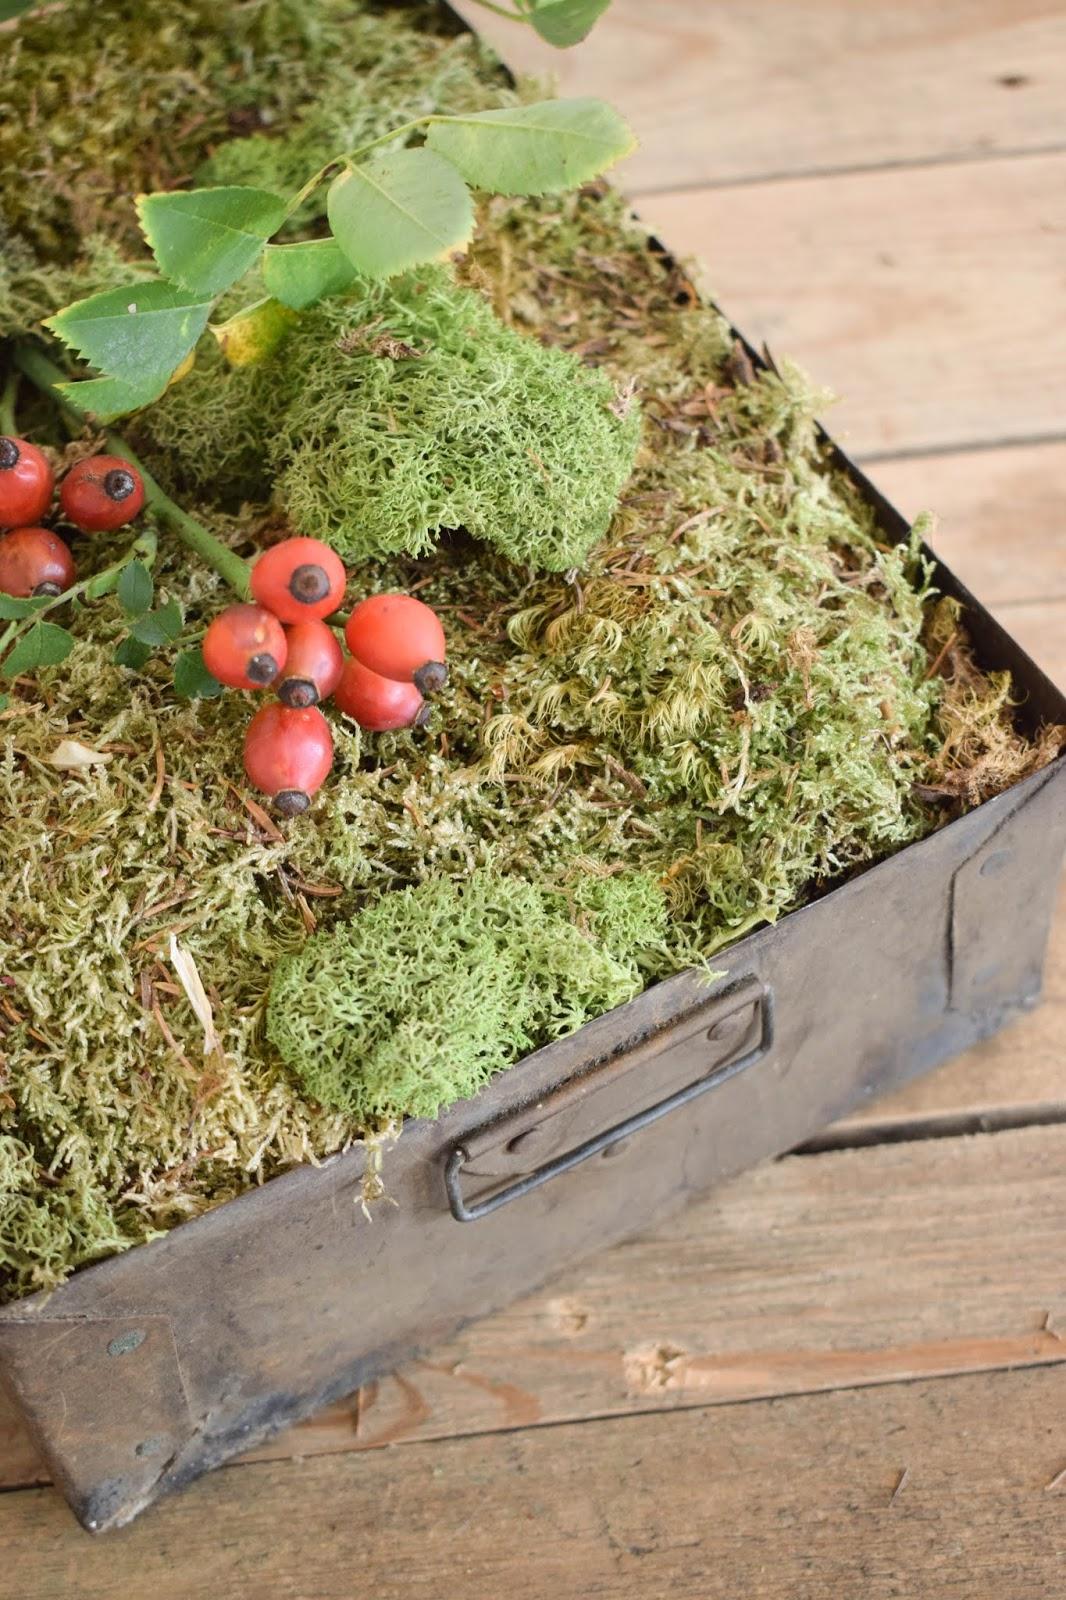 Herbstliche Deko für den Tisch, Sideboard und Konsole. Dekoidee mit Moos, Hagebutte decoration